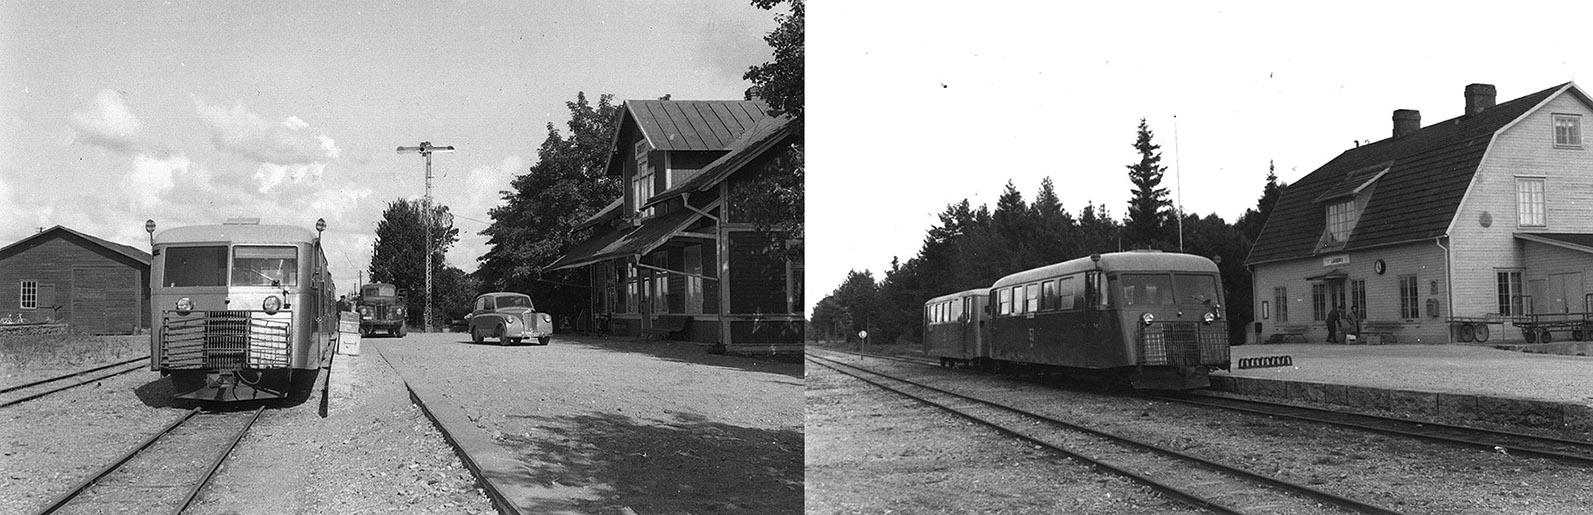 Havdhem och Lärbro stationer 1957. Foto Olof Sjöholm från SJK/Stig Nybergs arkiv